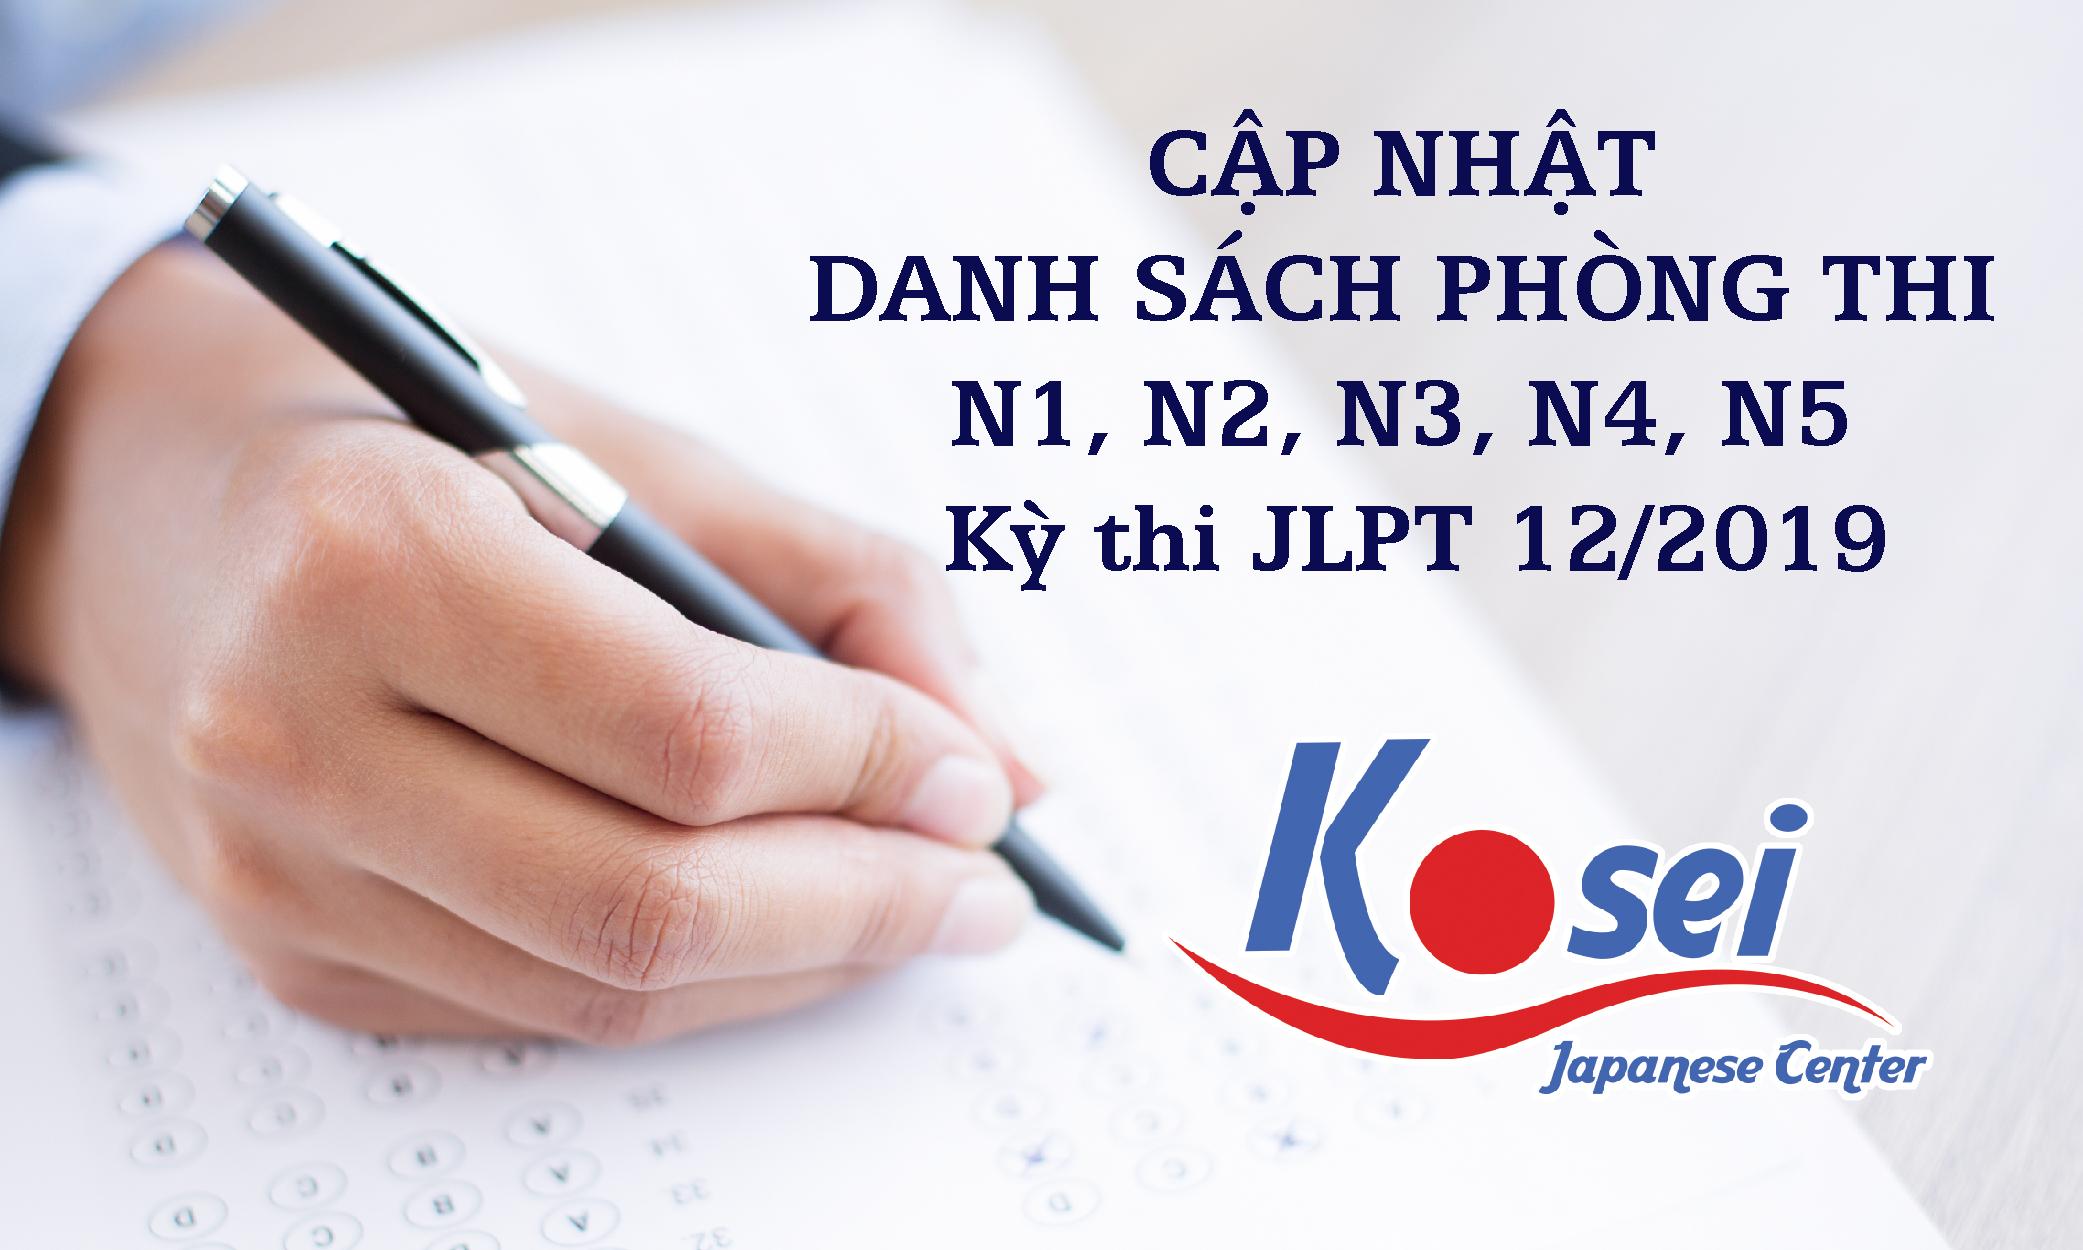 https://kosei.vn/cap-nhat-danh-sach-phong-thi-n1-n2-n3-n4-n5-ky-thi-jlpt-12-2019-n2540.html